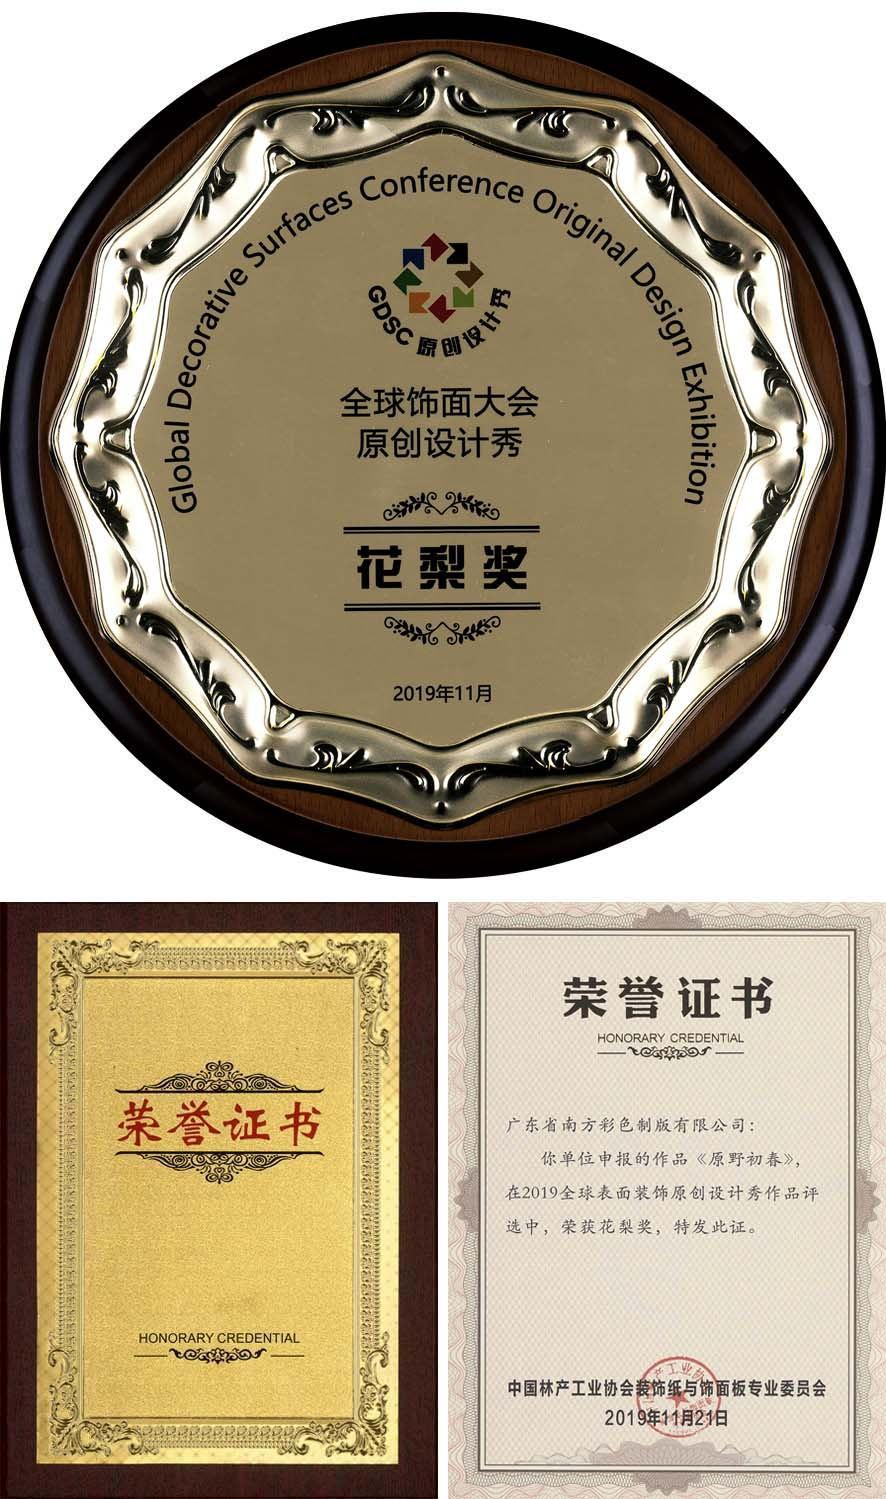 """""""饰面峰会隆重召开,南方制版创新出彩"""""""